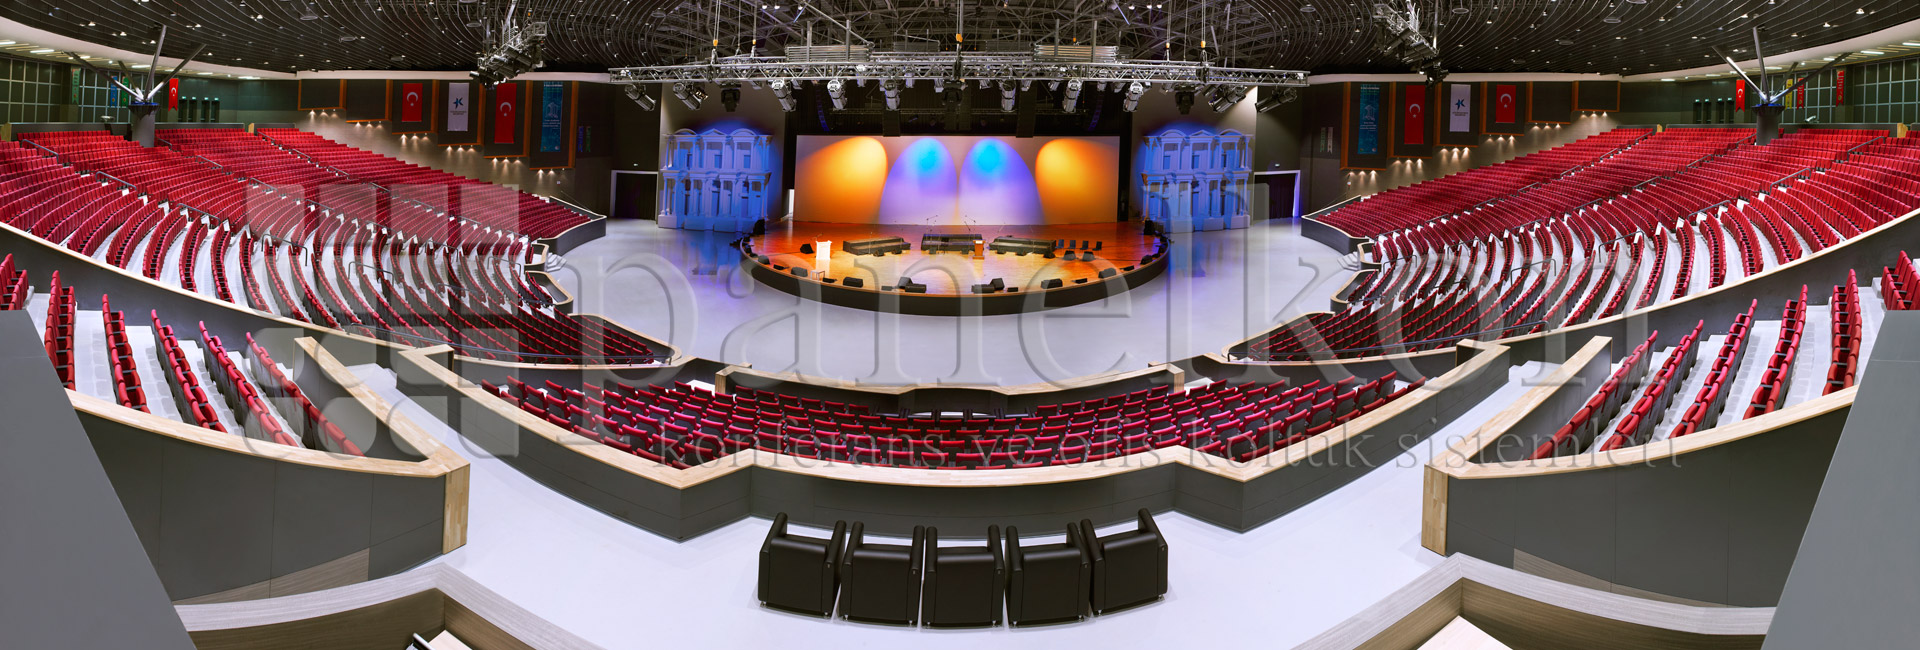 konferans salonu koltukları